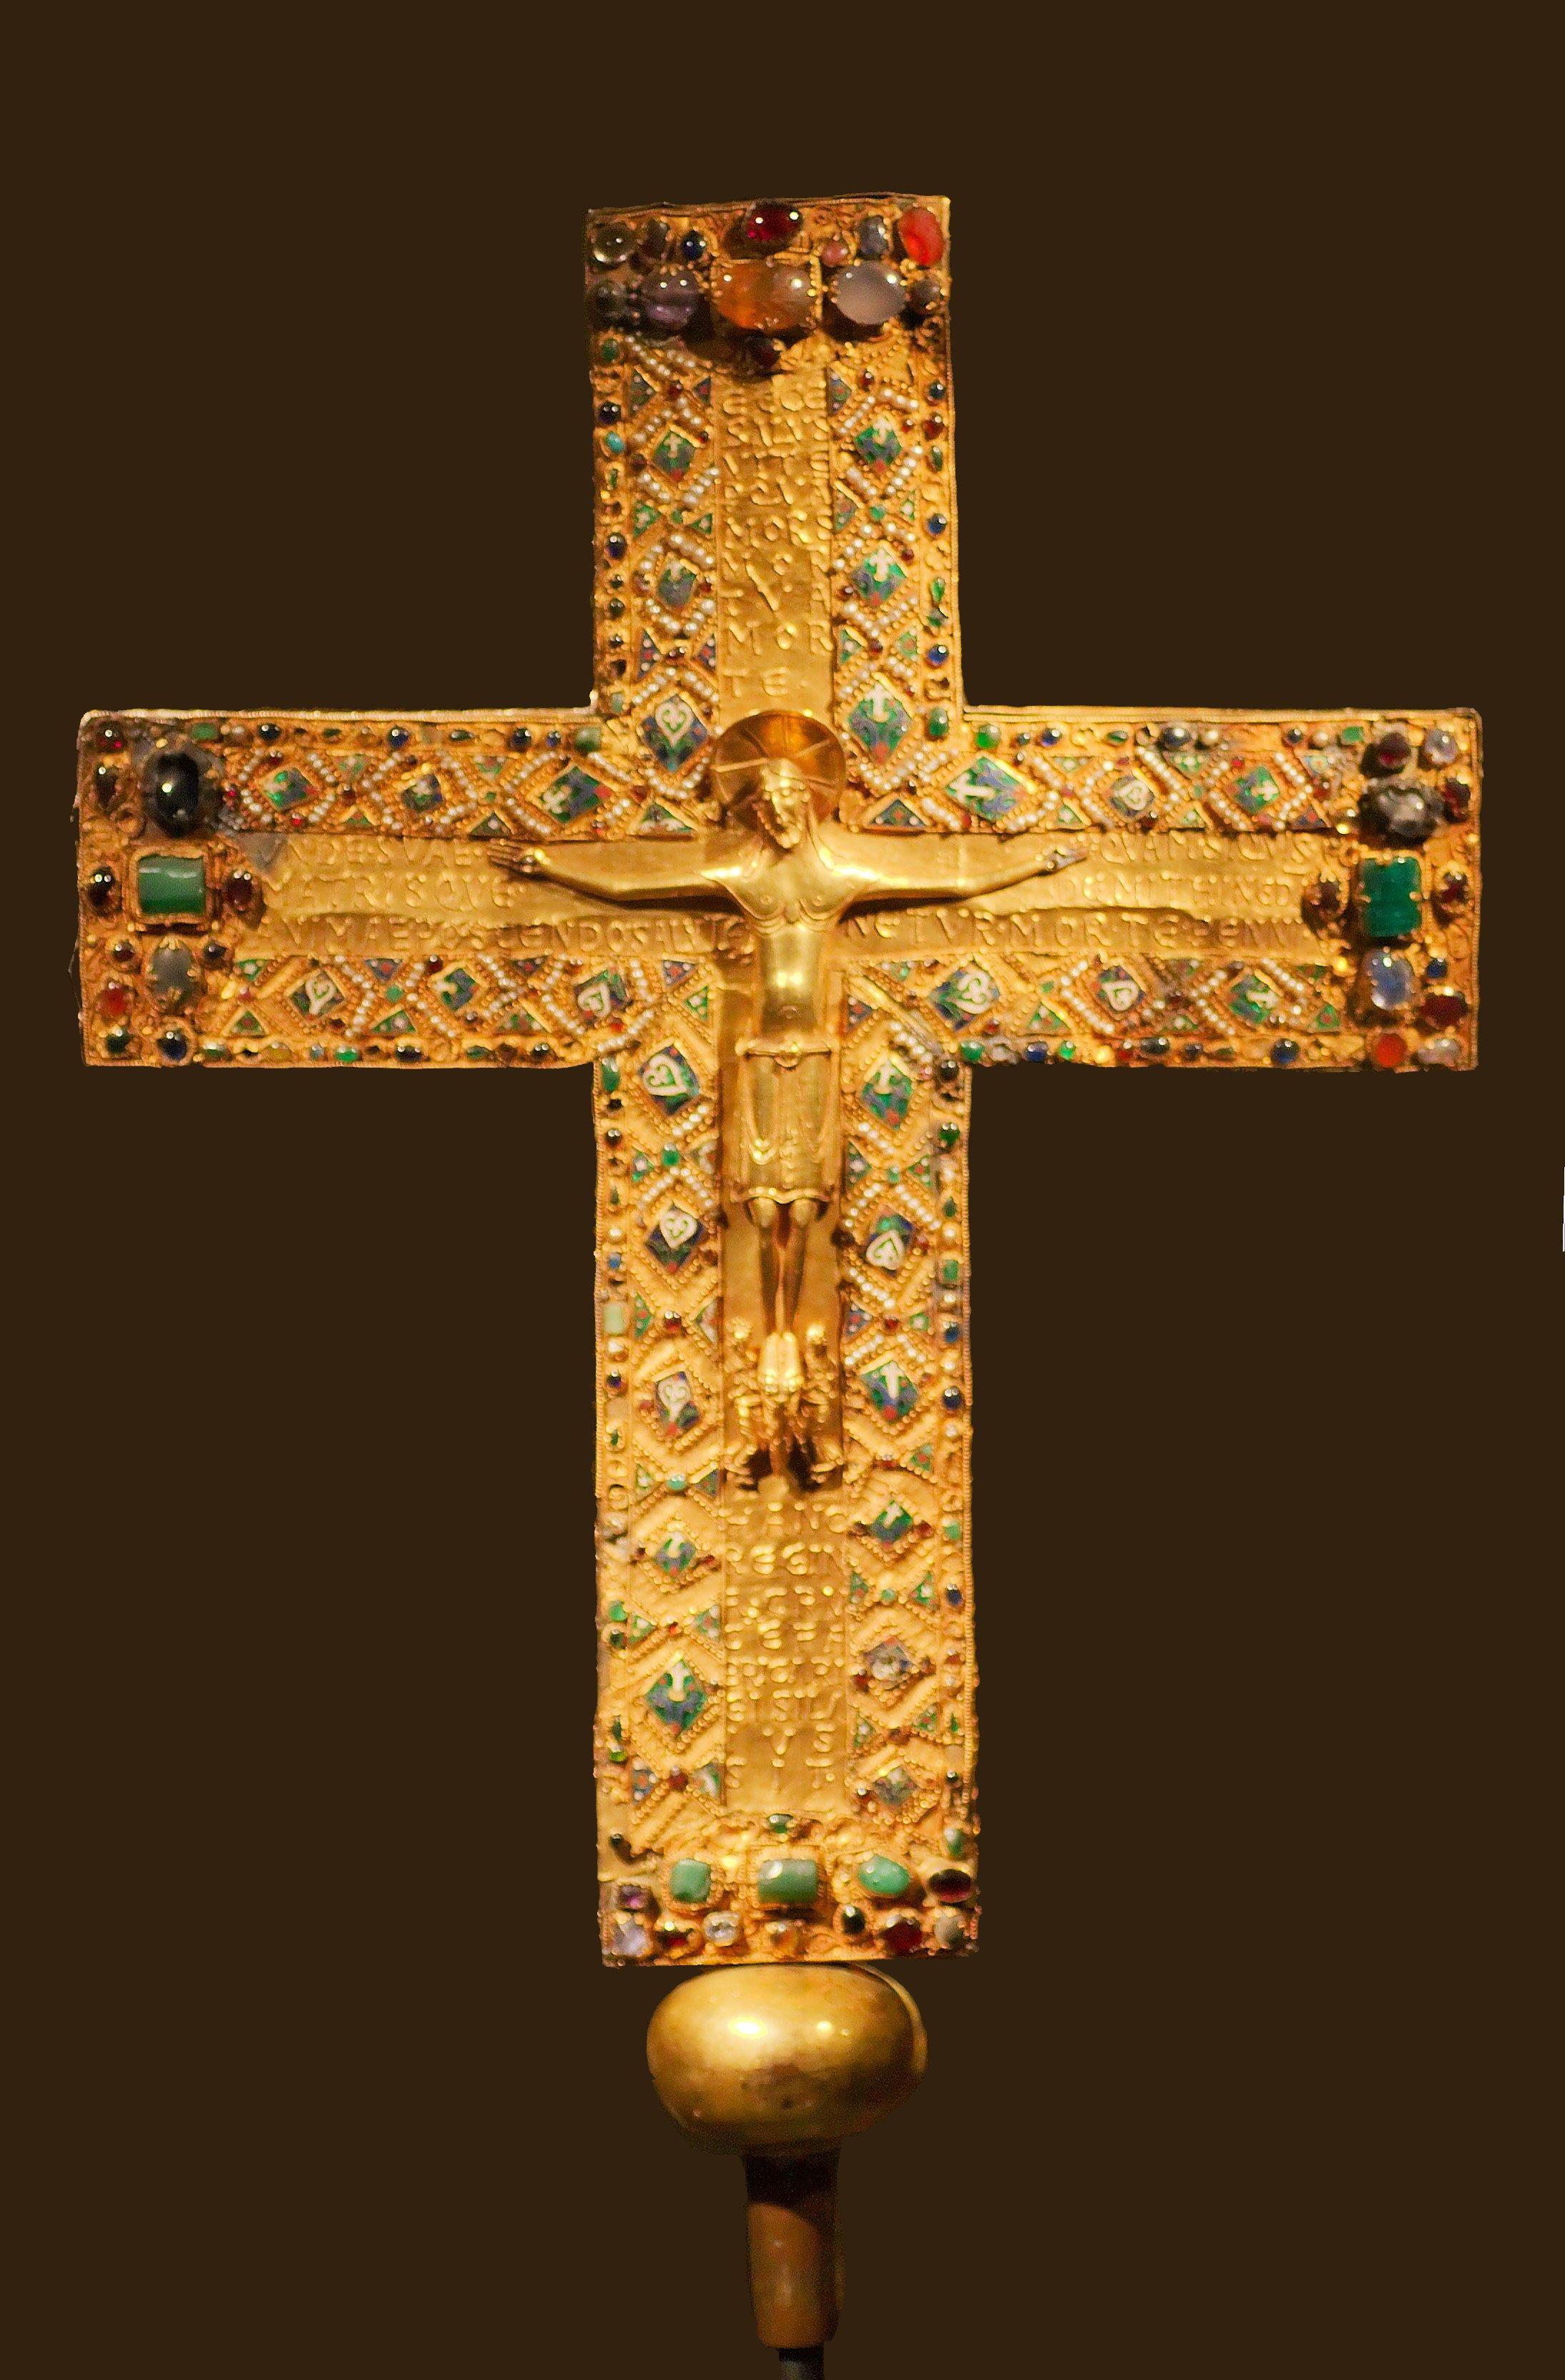 Gisela-korset (1008), utstilt i Schatzkammer der Bayerischen Residenz München